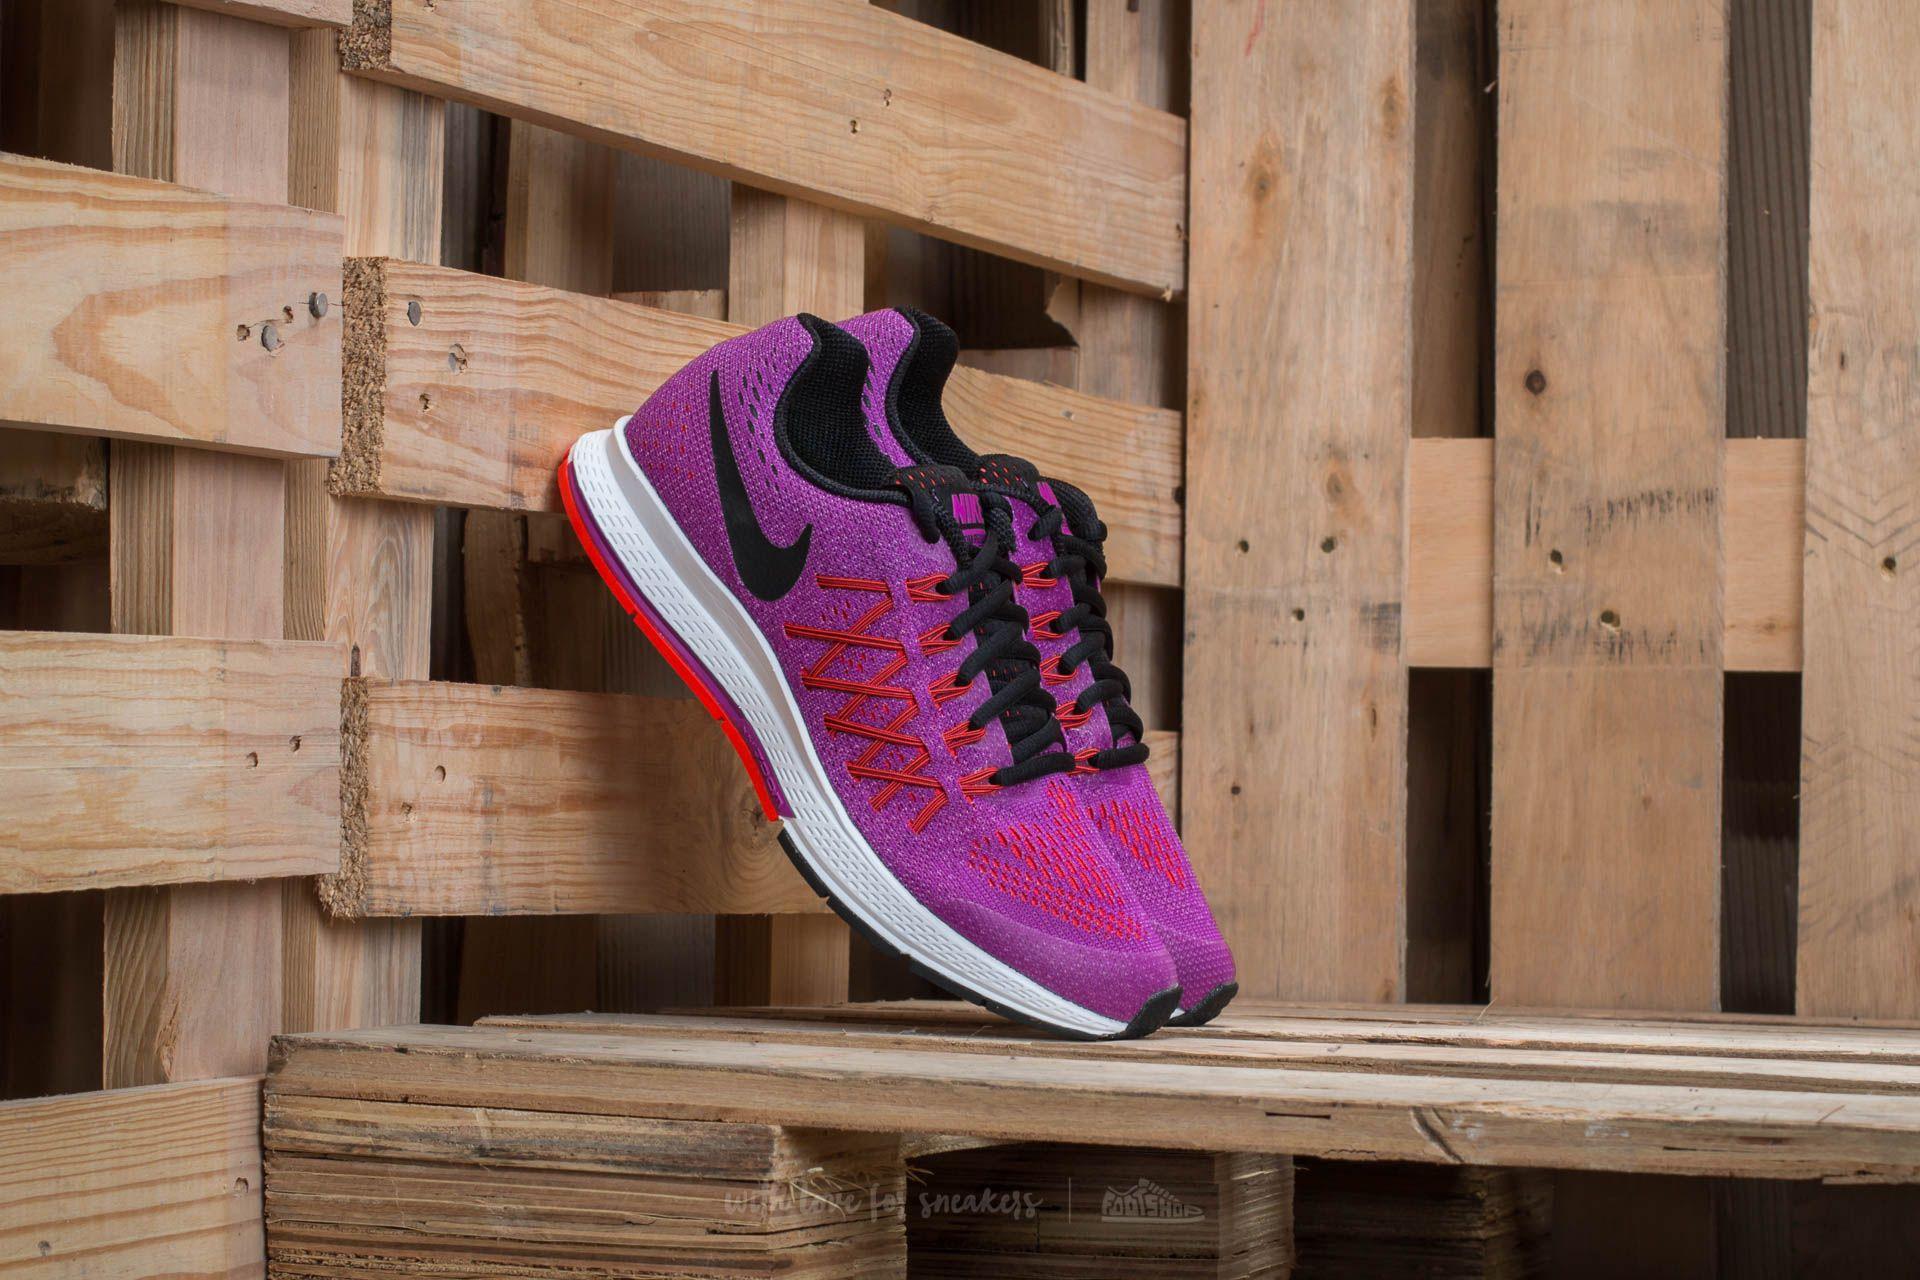 9a3556b2c9526 Nike Zoom Pegasus 32 (GS) Vivid Purple  Black-Bright Crimson ...